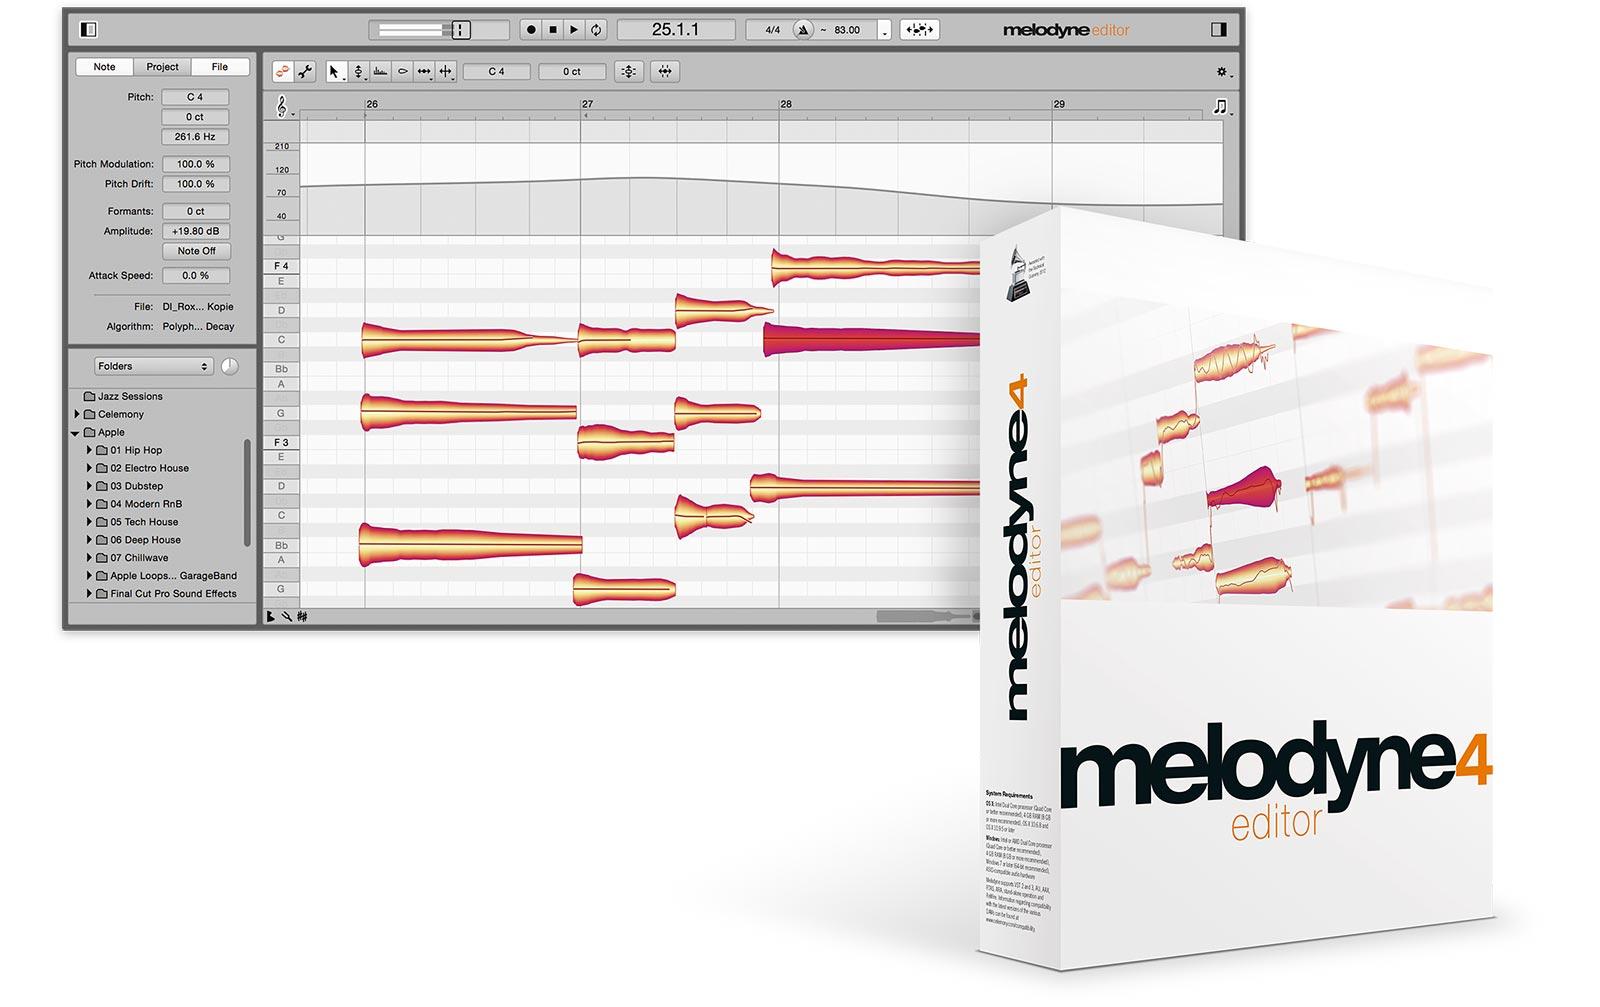 celemony-melodyne-4-editor-upgrade-von-melodyne-uno-oder-plugin